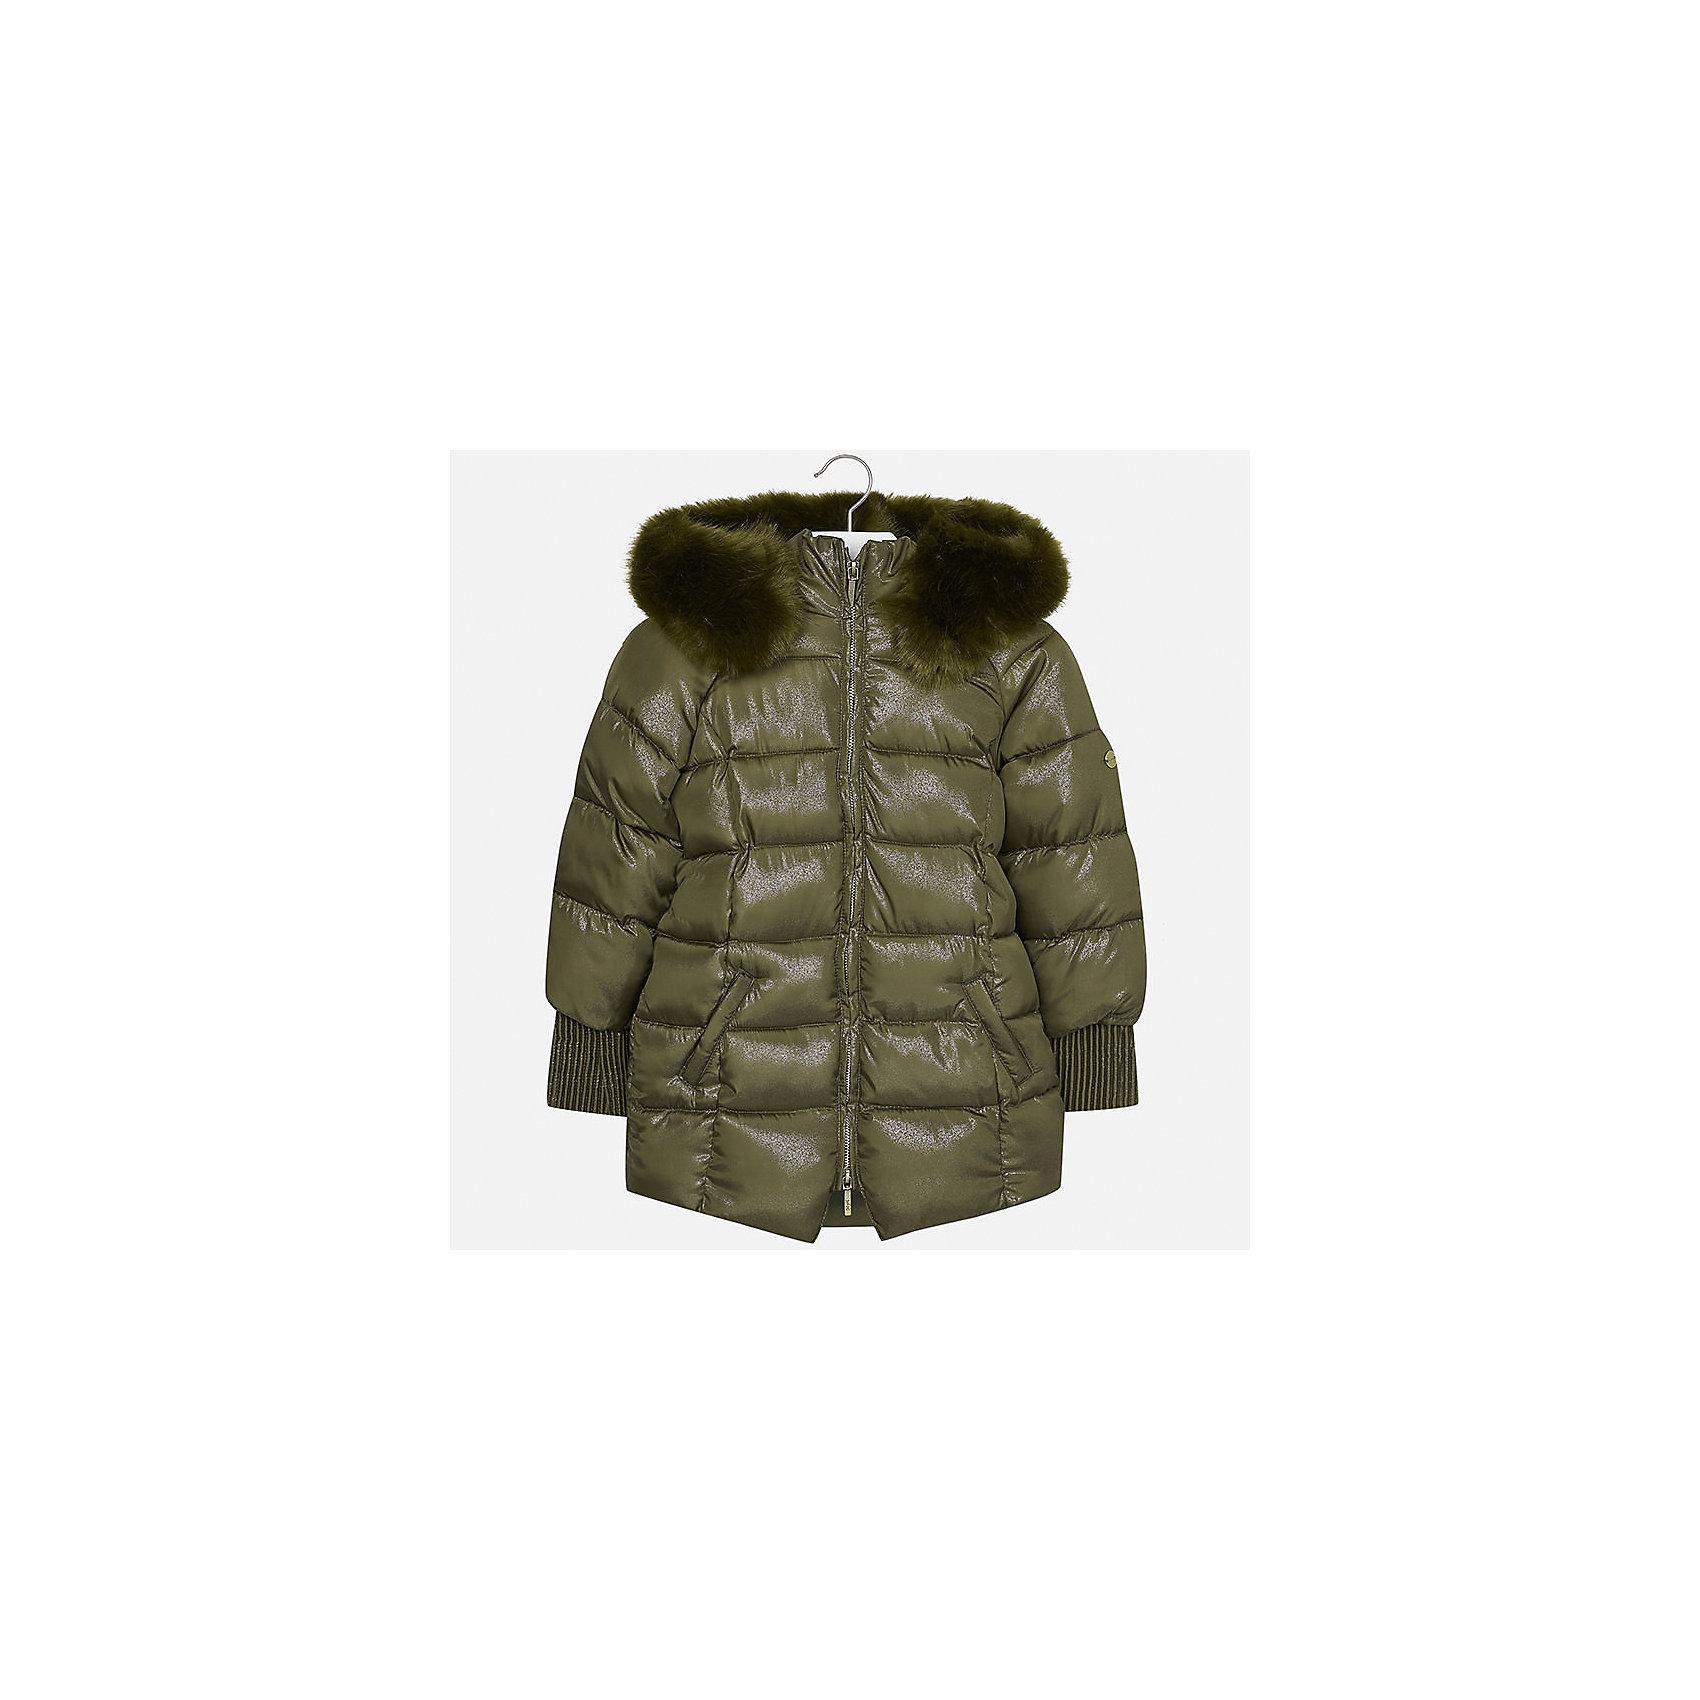 Куртка Mayoral для девочкиДемисезонные куртки<br>Характеристики товара:<br><br>• цвет: зеленый<br>• состав ткани: 100% полиэстер, подклад - 100% полиэстер, утеплитель - 100% полиэстер<br>• застежка: молния<br>• капюшон с опушкой<br>• сезон: зима<br>• температурный режим: от 0 до -10С<br>• страна бренда: Испания<br>• страна изготовитель: Индия<br><br>Зеленая стильного оттенка куртка с опушкой для девочки от Майорал поможет обеспечить тепло и комфорт. Эффектная детская куртка отличается удлиненным силуэтом и наличием капюшона. <br><br>Детская одежда от испанской компании Mayoral отличаются оригинальным и всегда стильным дизайном. Качество продукции неизменно очень высокое.<br><br>Куртку для девочки Mayoral (Майорал) можно купить в нашем интернет-магазине.<br><br>Ширина мм: 356<br>Глубина мм: 10<br>Высота мм: 245<br>Вес г: 519<br>Цвет: зеленый<br>Возраст от месяцев: 168<br>Возраст до месяцев: 180<br>Пол: Женский<br>Возраст: Детский<br>Размер: 170,128/134,140,152,158,164<br>SKU: 6922143